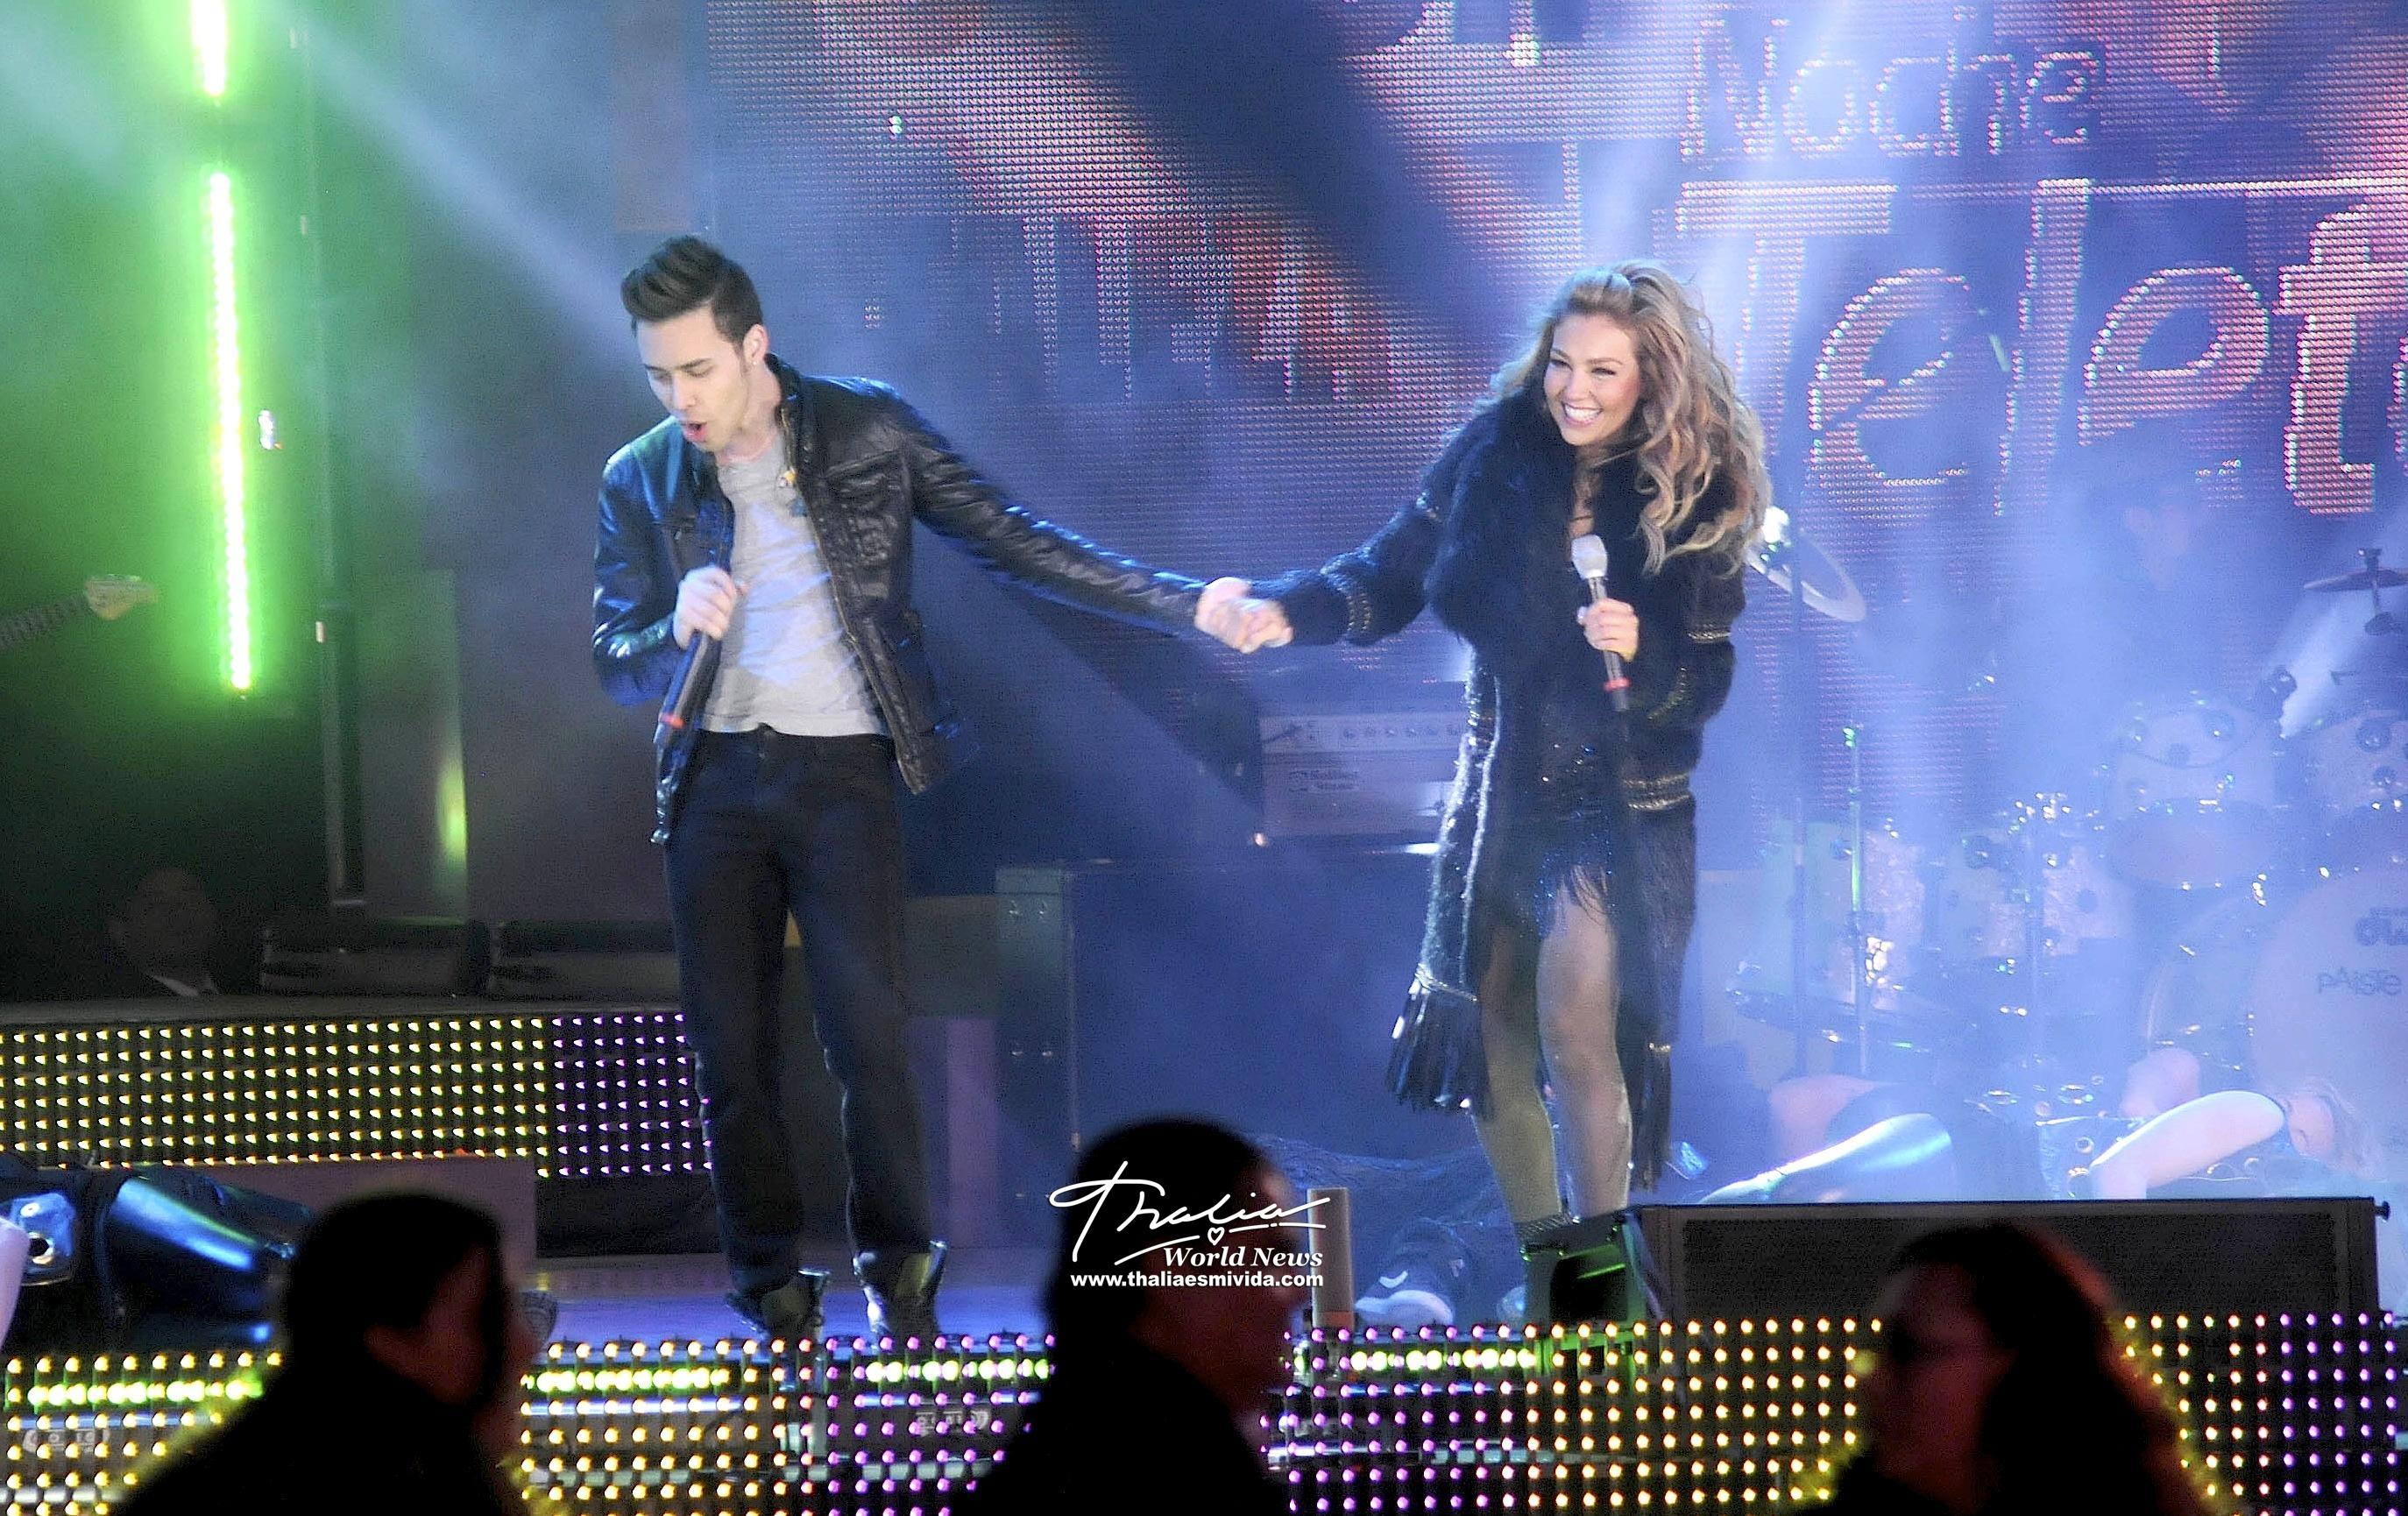 Royce no dudó en tomar a la cantante mexicana de la mano mientras hacían la mágica colaboración